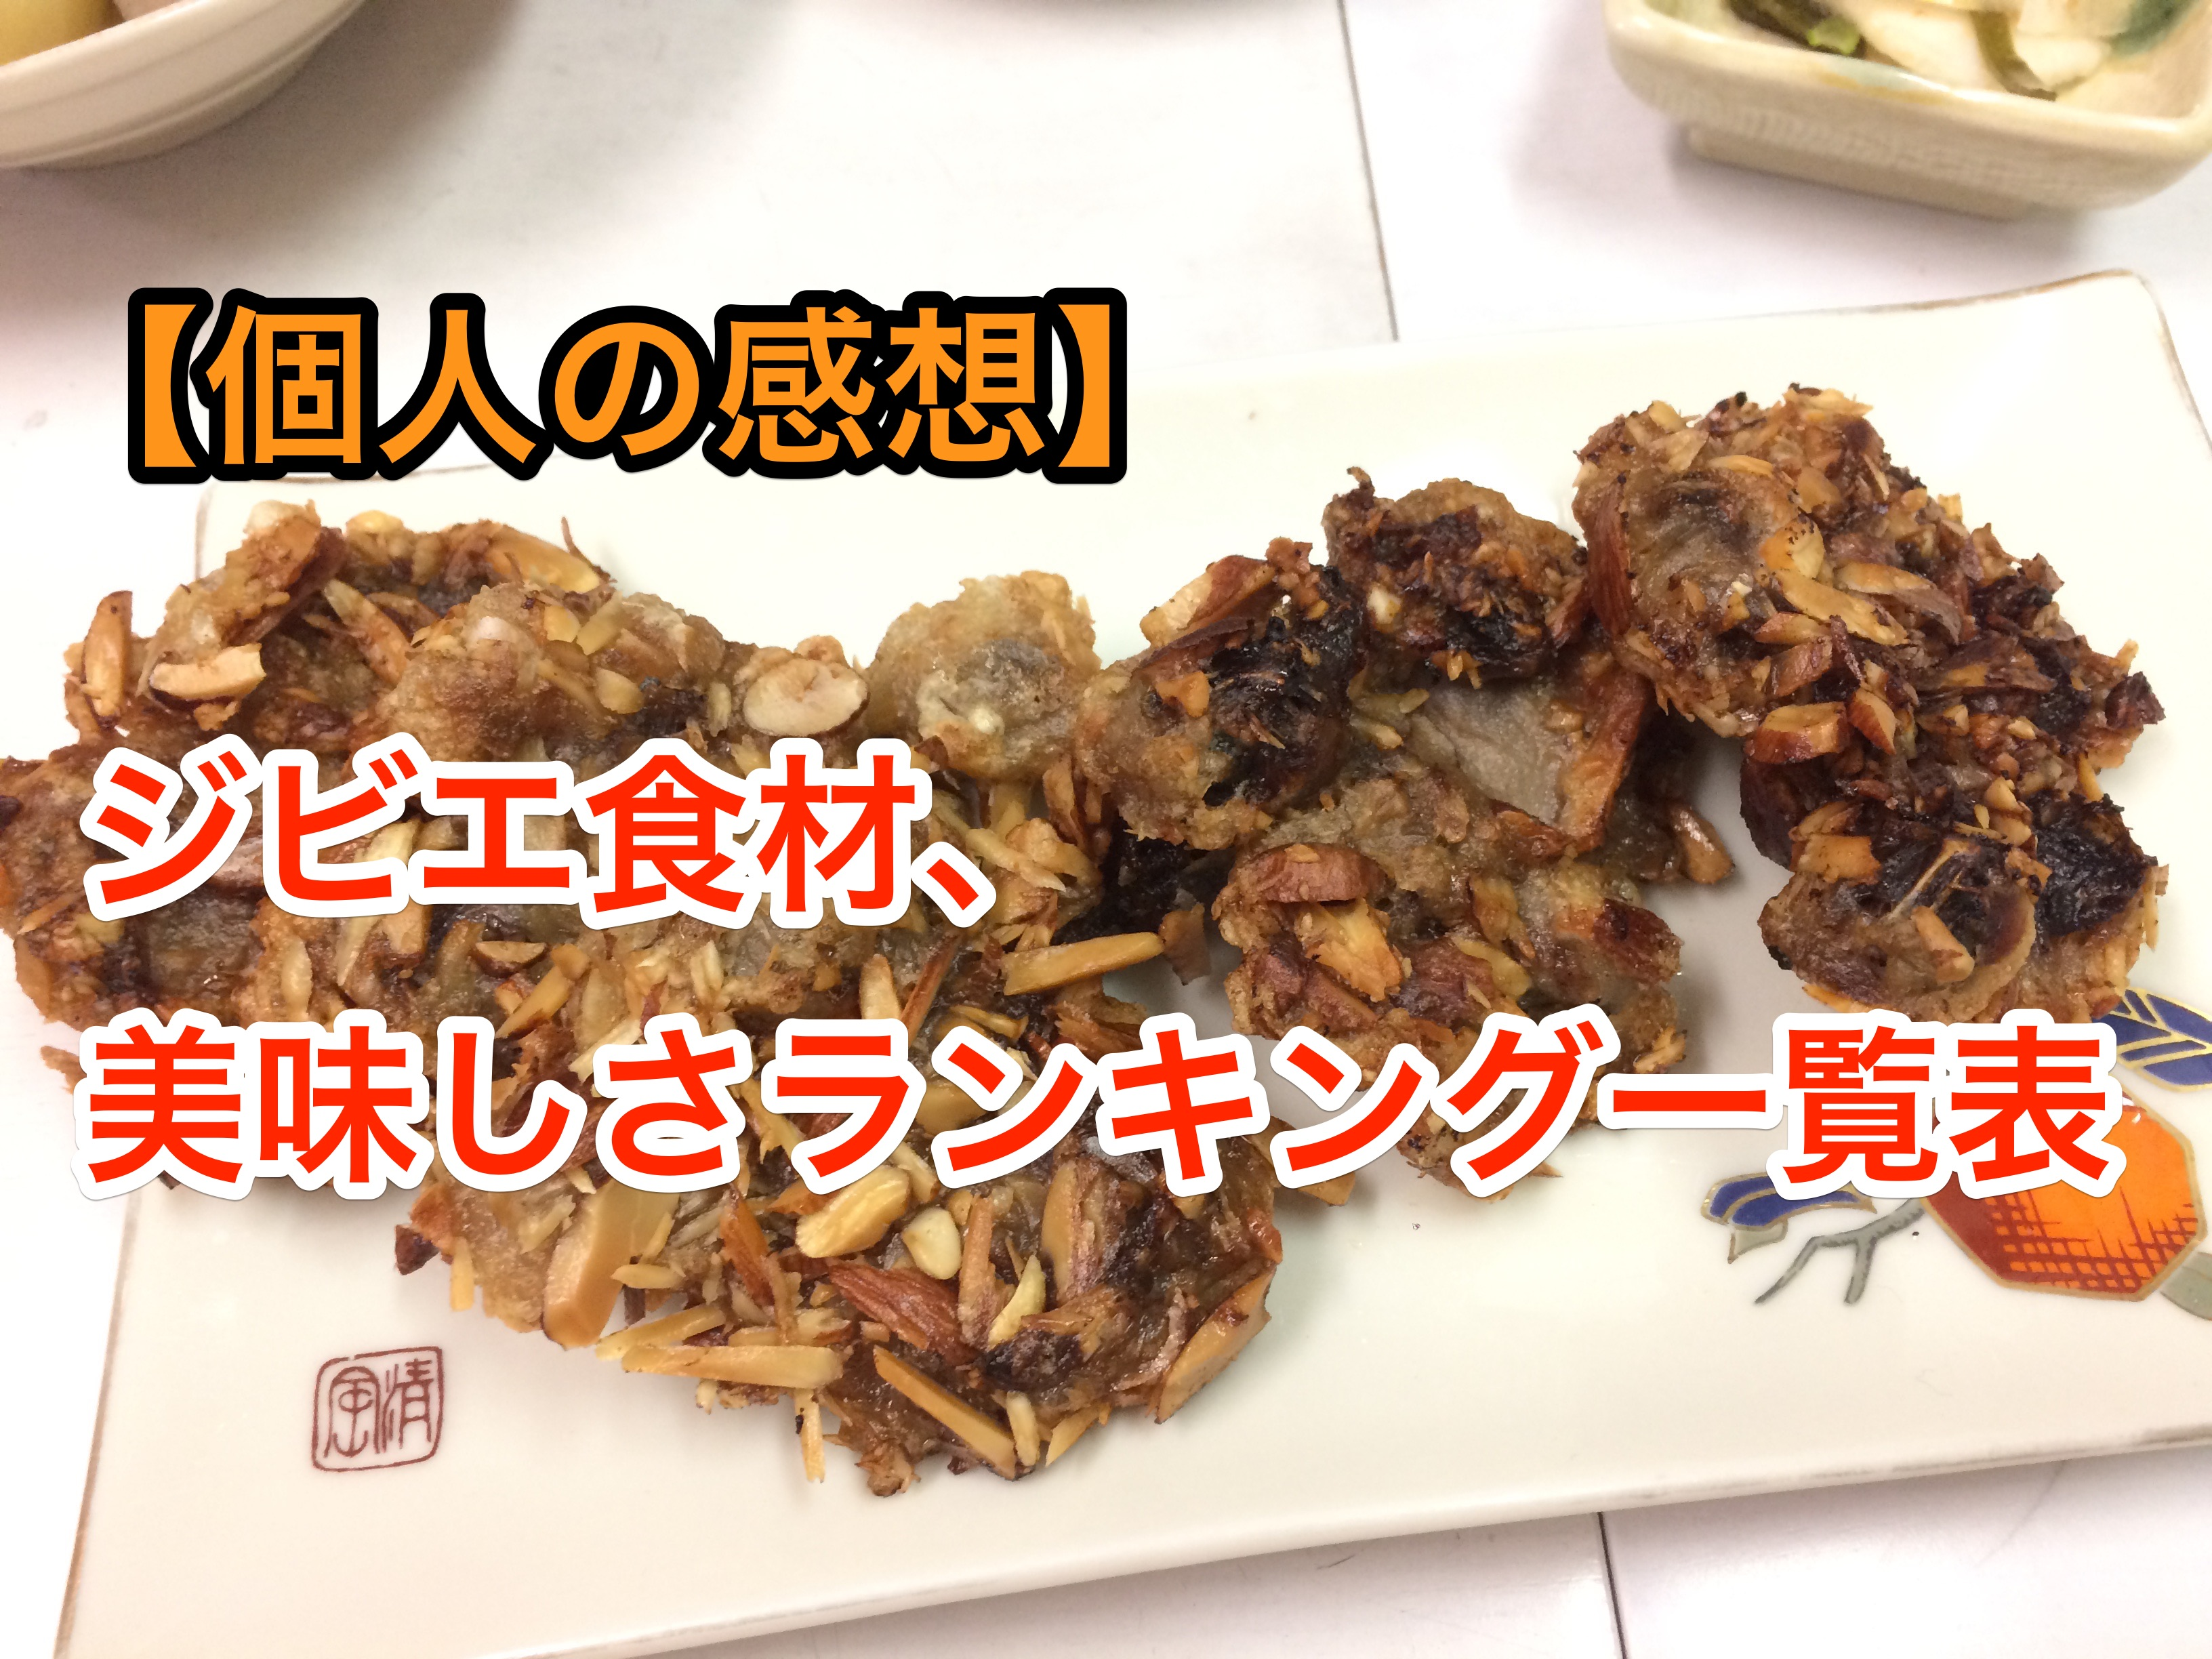 【個人の感想】ジビエ食材、美味しさランキング一覧表